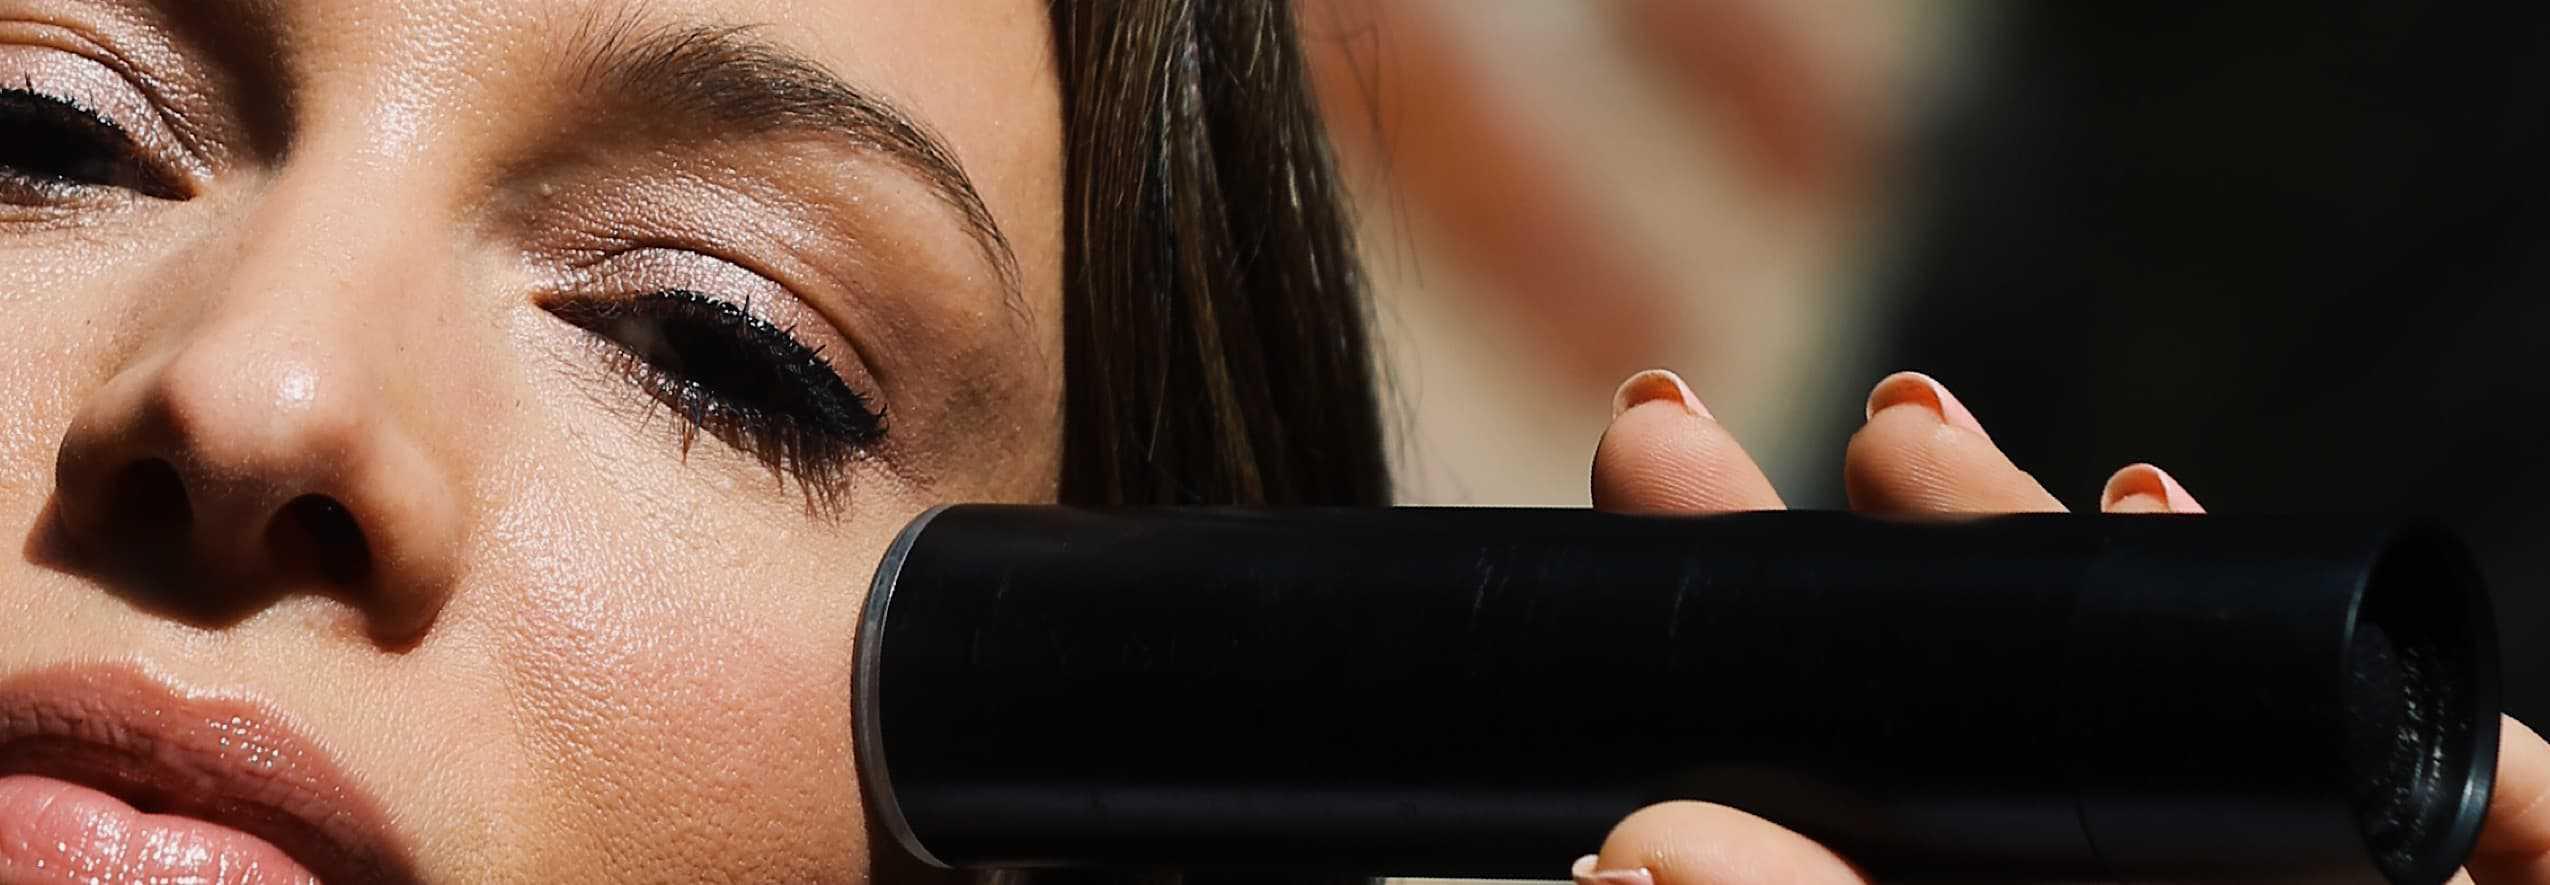 Laser face skin tightening